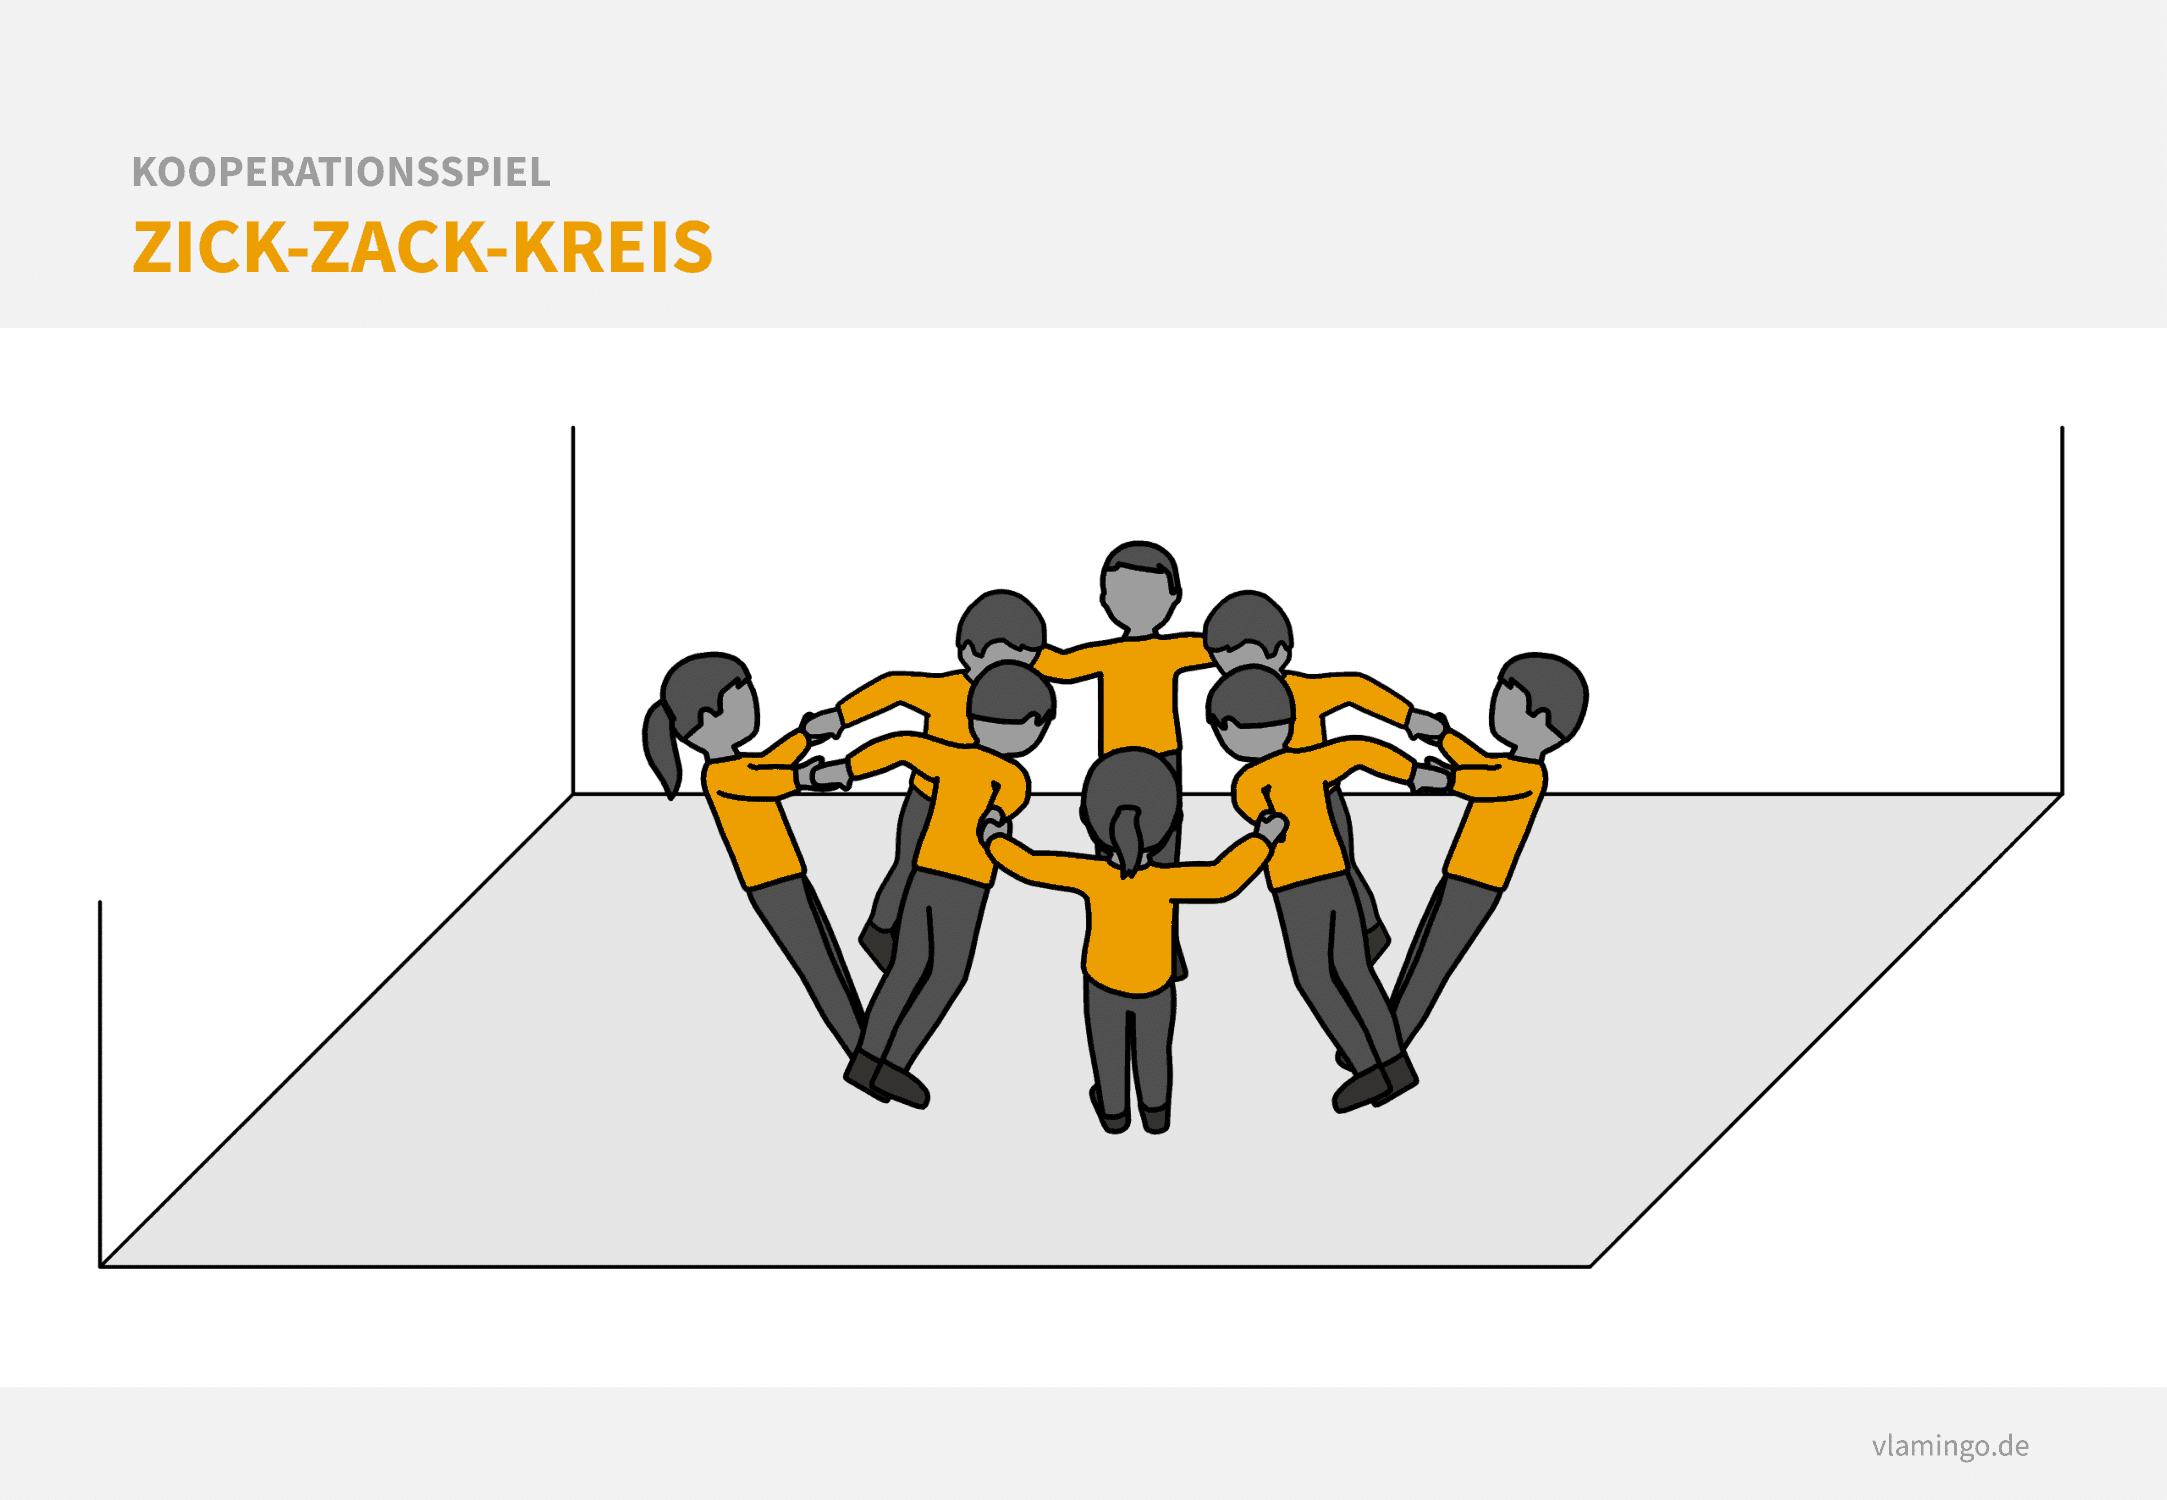 Gruppenspiel: Zick-Zack-Kreis